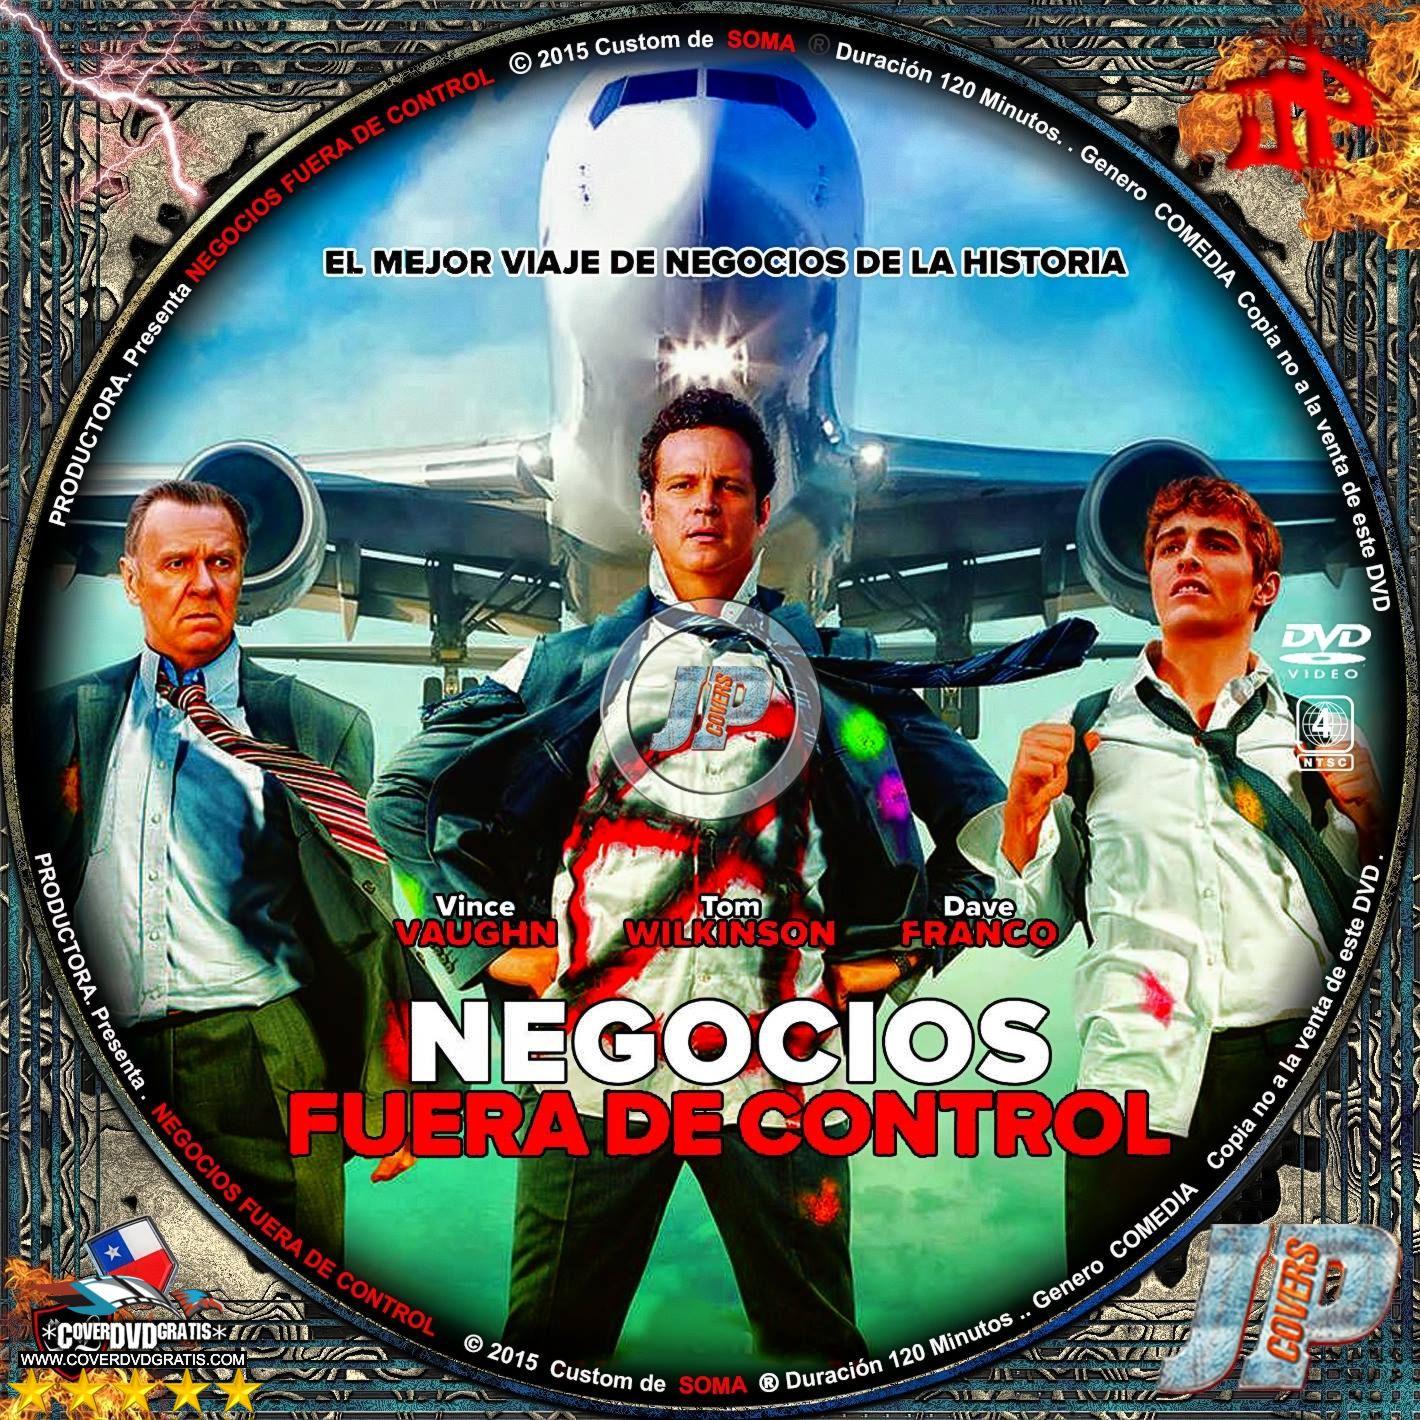 Negocios fuera de control dvd cover 2015 espa ol archivos for Fuera de control dmax